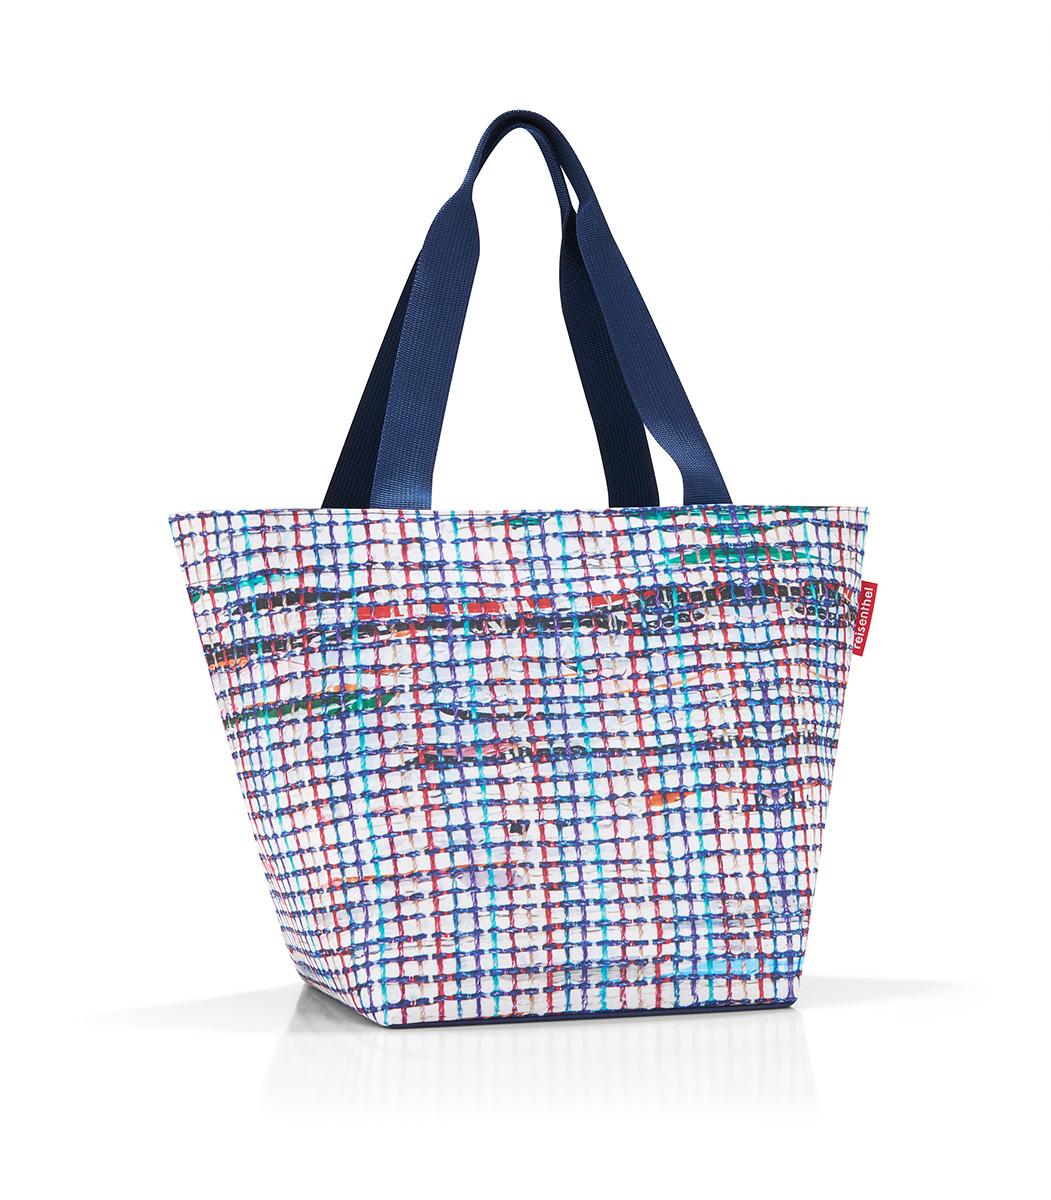 Сумка женская Reisenthel Shopper M, цвет: белый, синий. ZS4041ZS4041Универсальная женская сумка Reisenthel Shopper M изготовлена из плотного полиэстера и оформлена ярким принтом. Сумка содержит одно вместительное отделение, закрывающееся на застежку-молнию. Внутри расположен нашивной карман на молнии. Изделие дополнено двумя практичными широкими ручками, которые позволят носить сумку, как в руках, так и на плече. Практичная сумка станет незаменимым аксессуаром для повседневного использования.